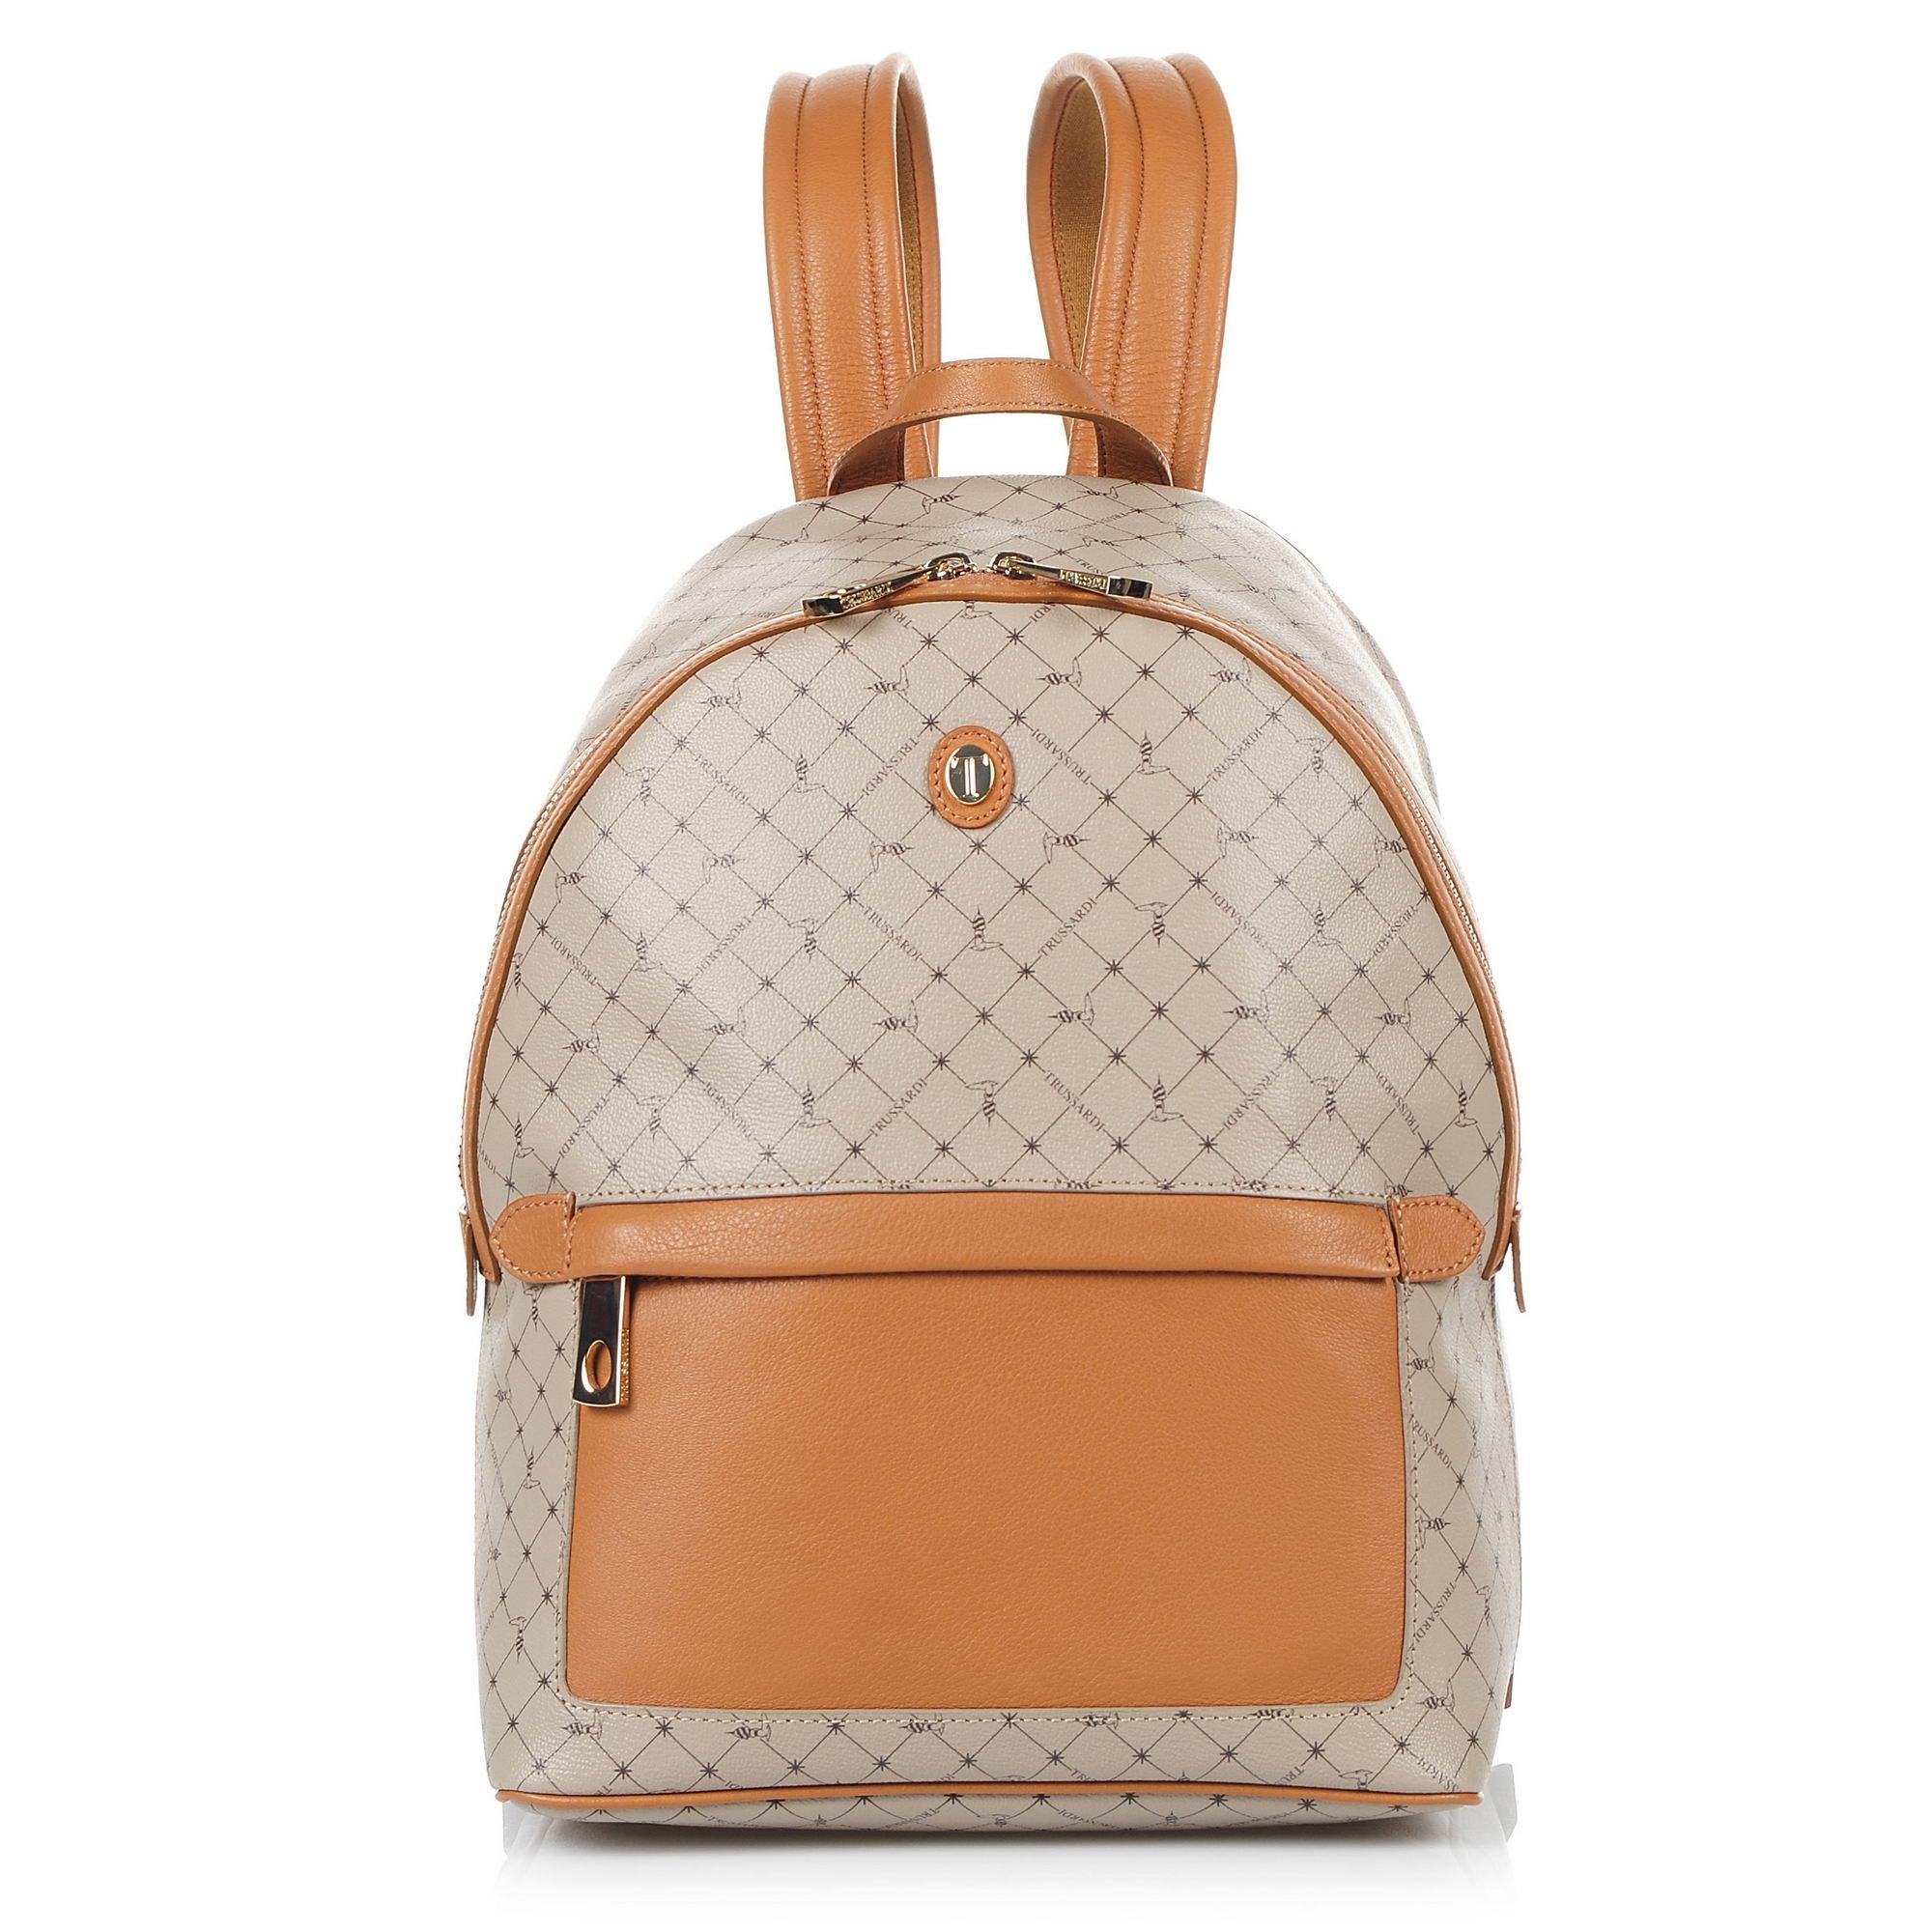 Δερμάτινο Σακίδιο Πλάτης Trussardi Mini Backpack Monogram Crepe Leather/Velvet C γυναικα   γυναικεία τσάντα